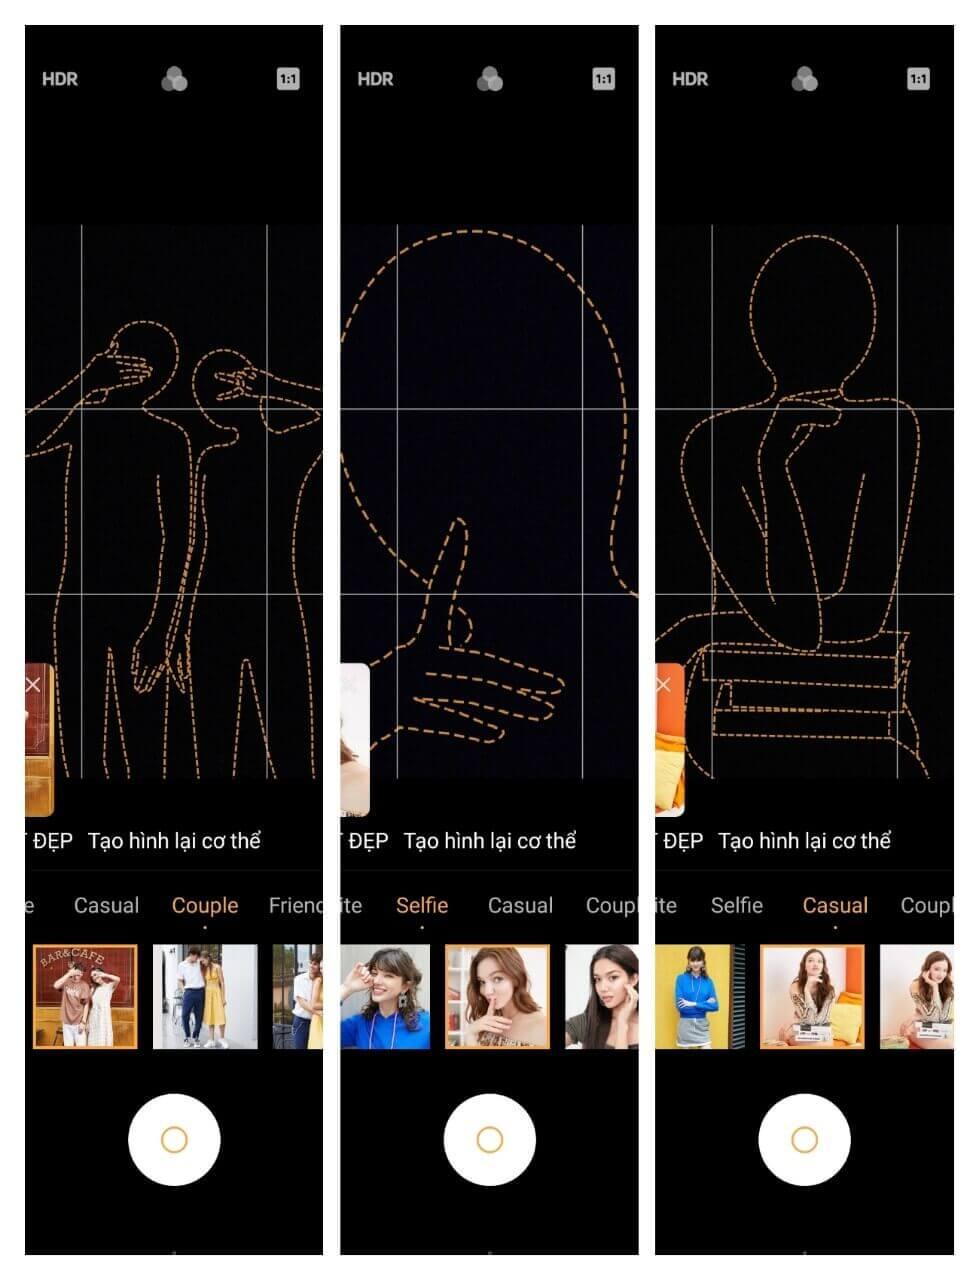 Hình ảnh được minh họa giúp bạn dễ thực hiện